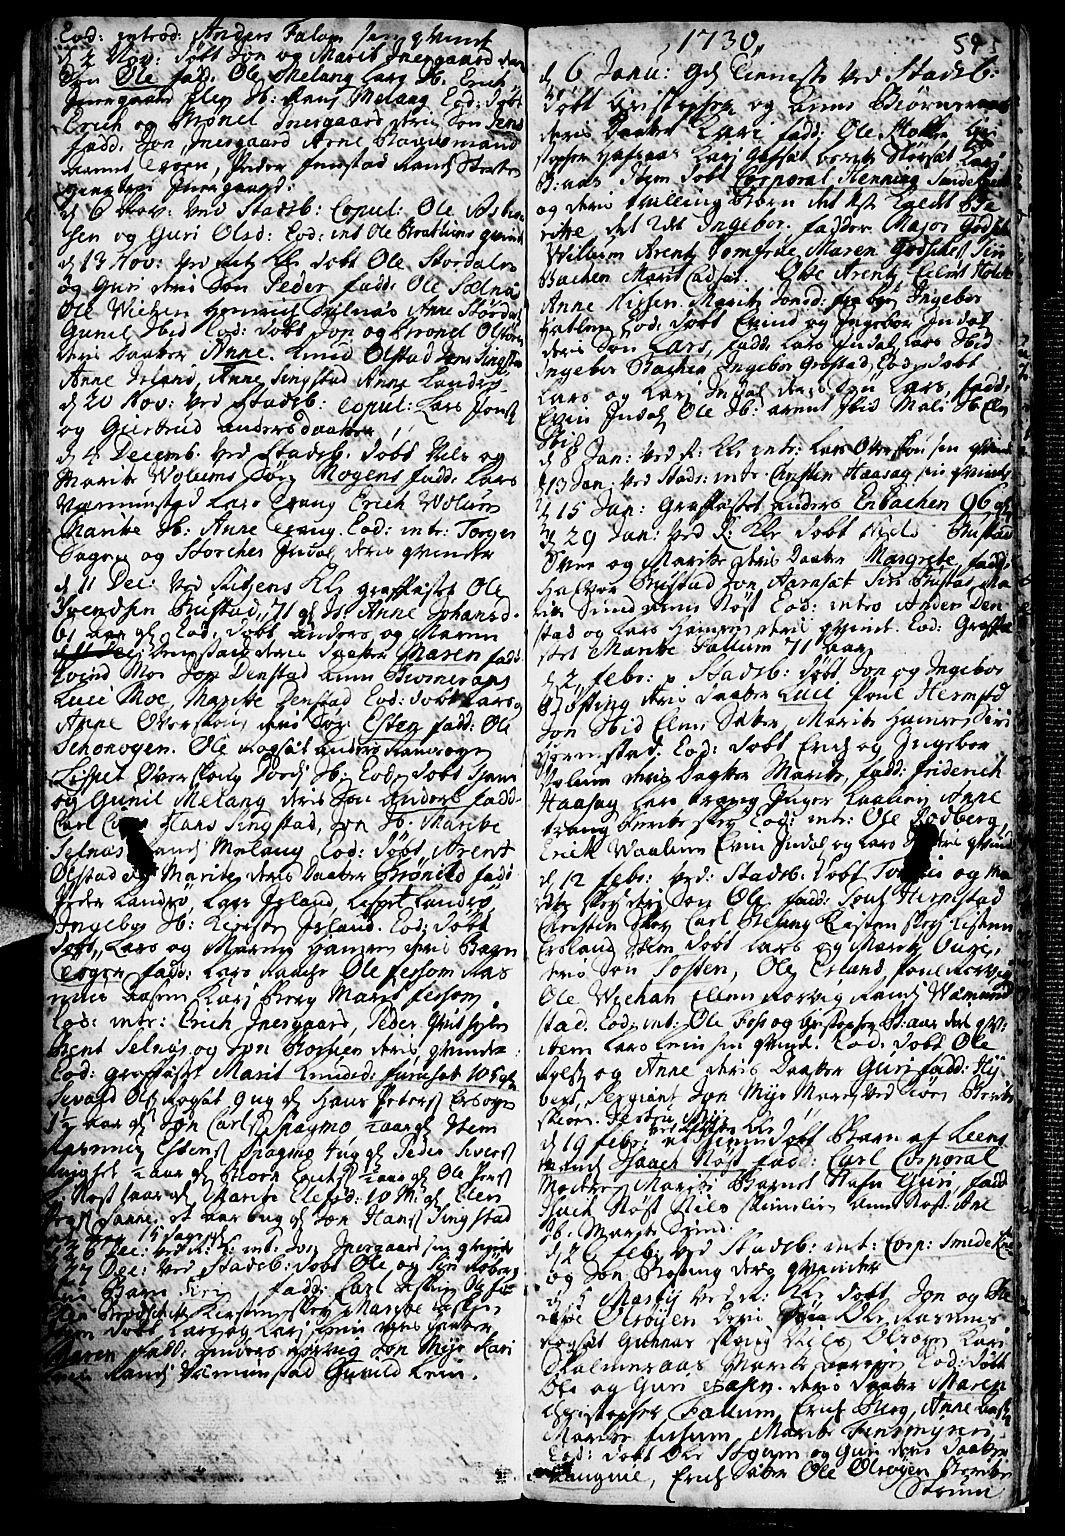 SAT, Ministerialprotokoller, klokkerbøker og fødselsregistre - Sør-Trøndelag, 646/L0603: Ministerialbok nr. 646A01, 1700-1734, s. 59